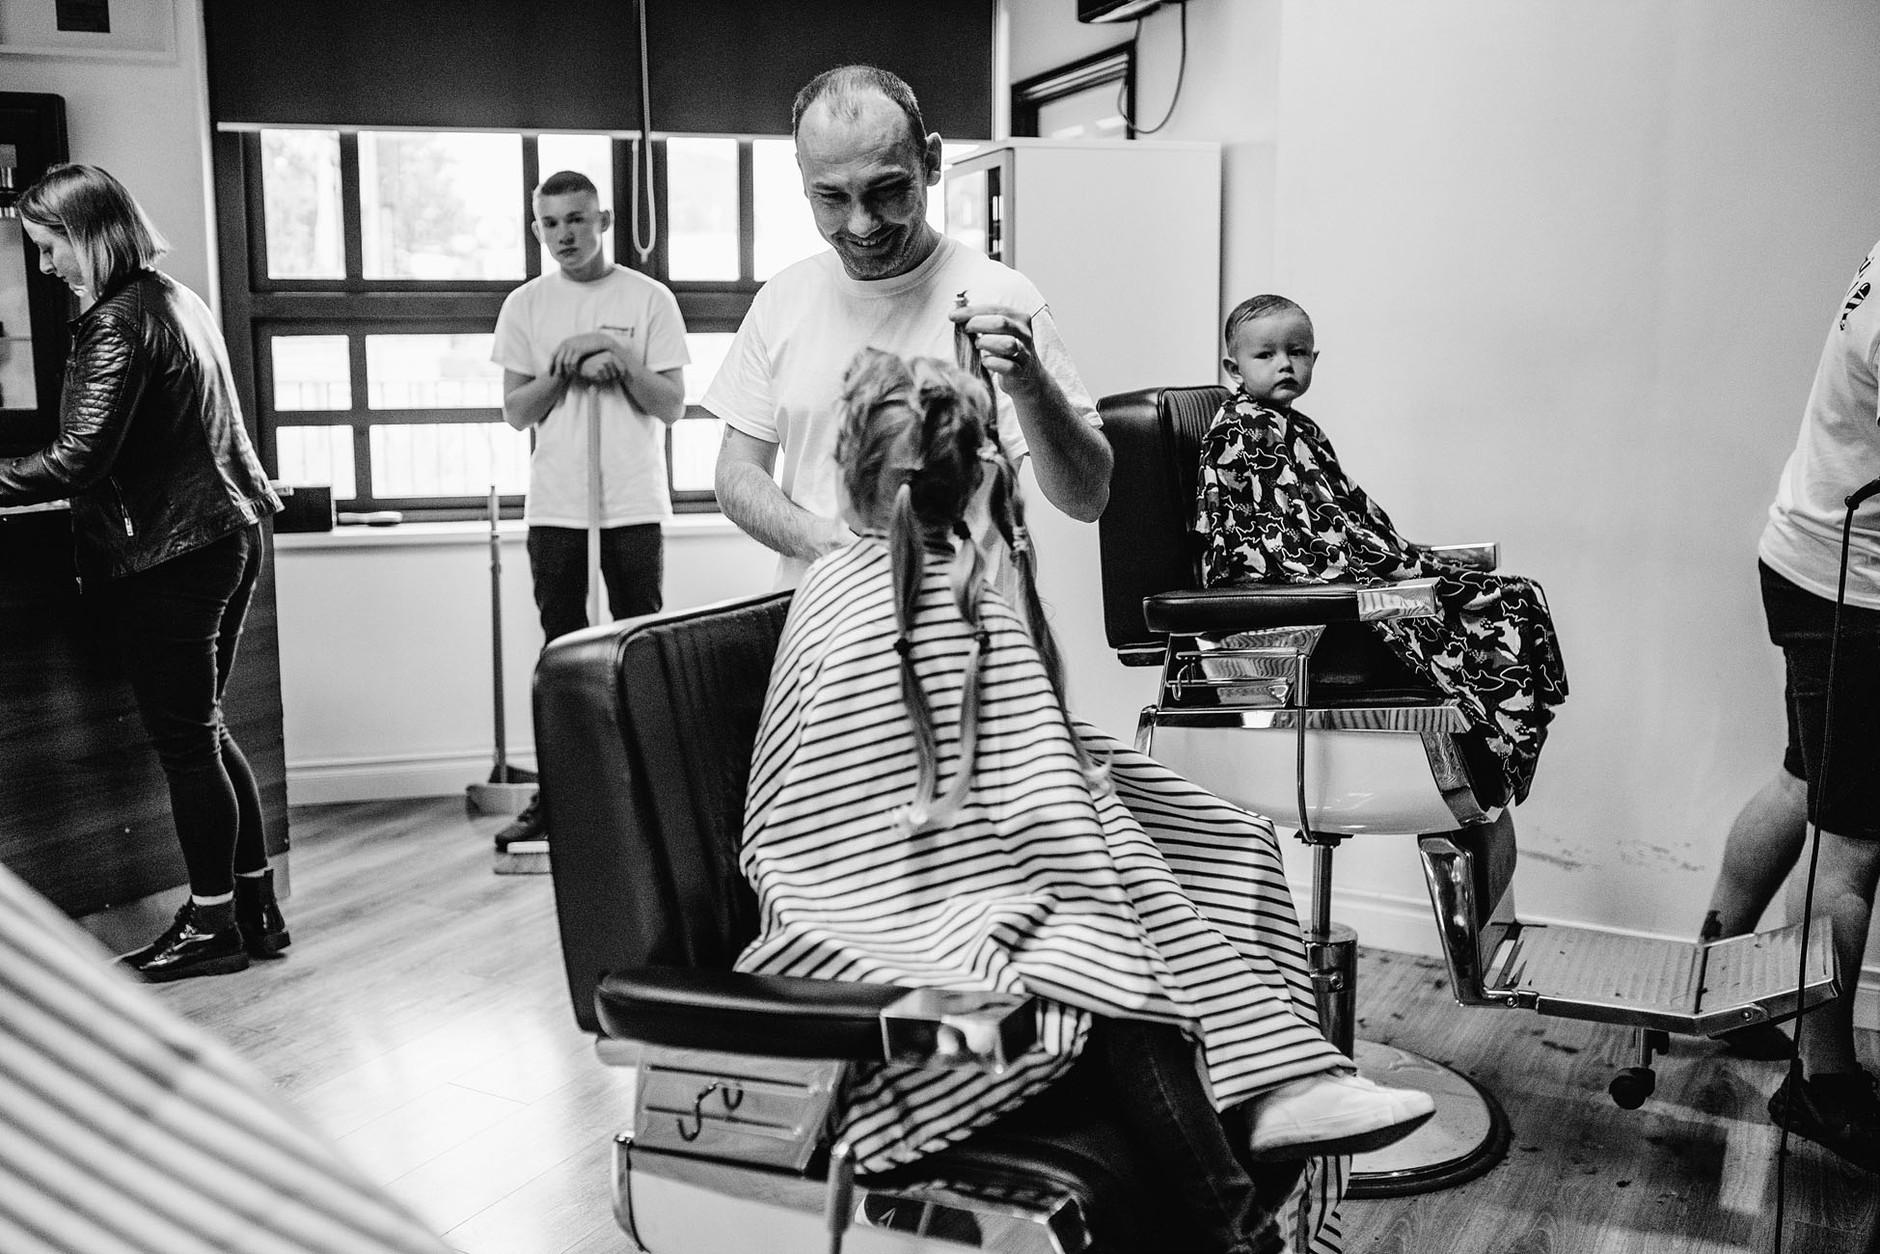 dublin-documentary-family-photography-finn-haircut-0016.jpg